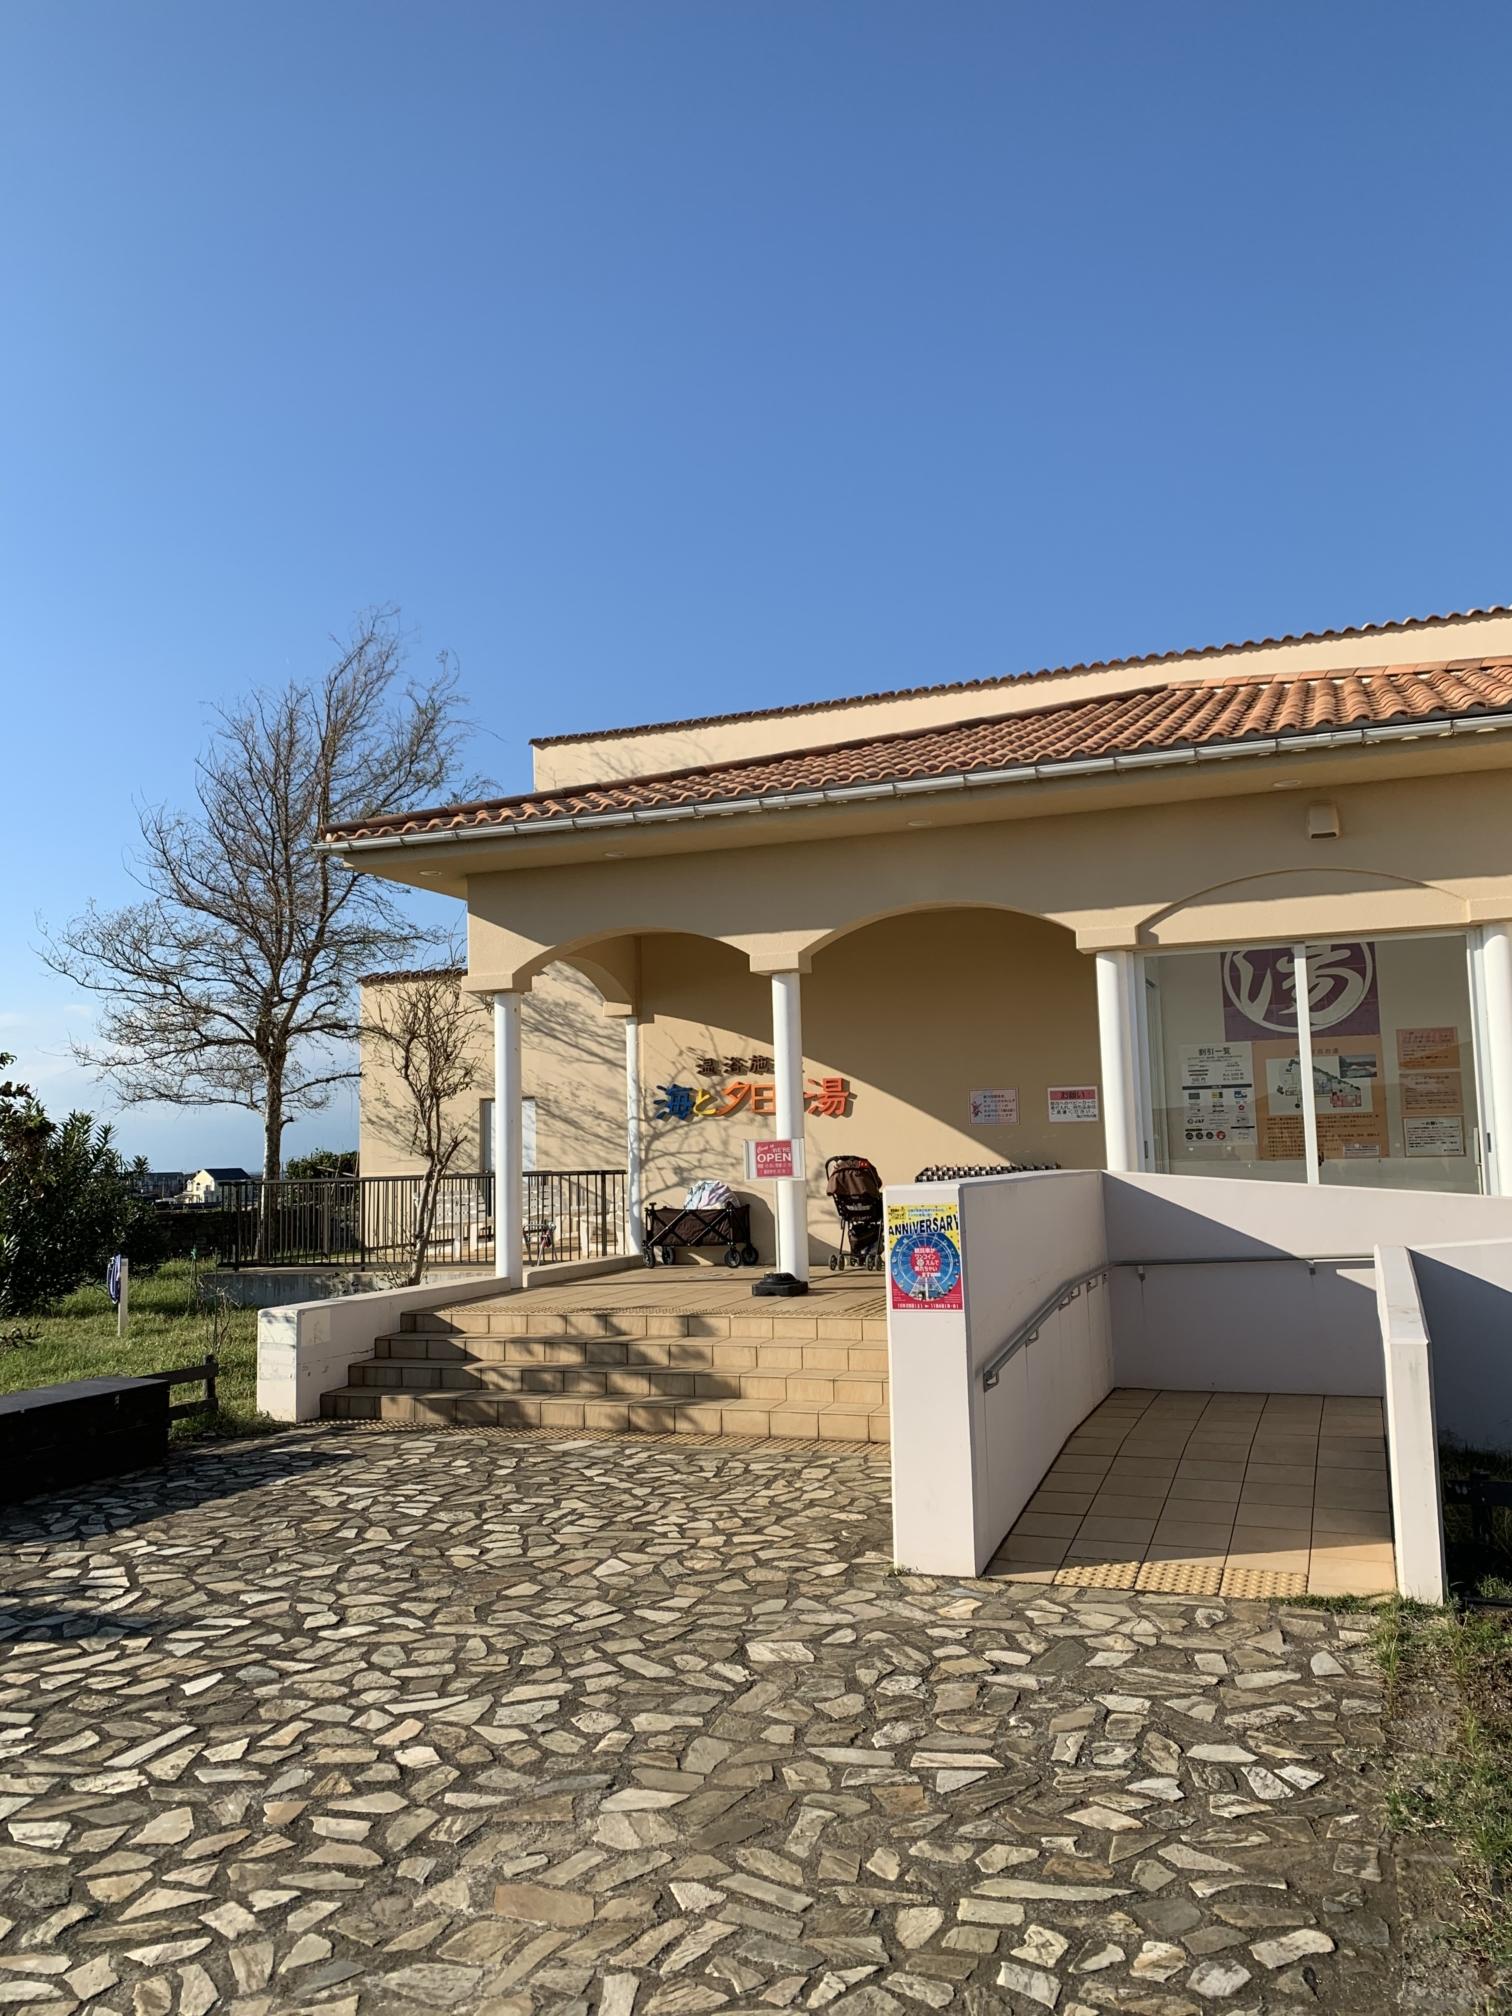 ソレイユの丘にある温泉施設は海水浴後の利用にオススメ